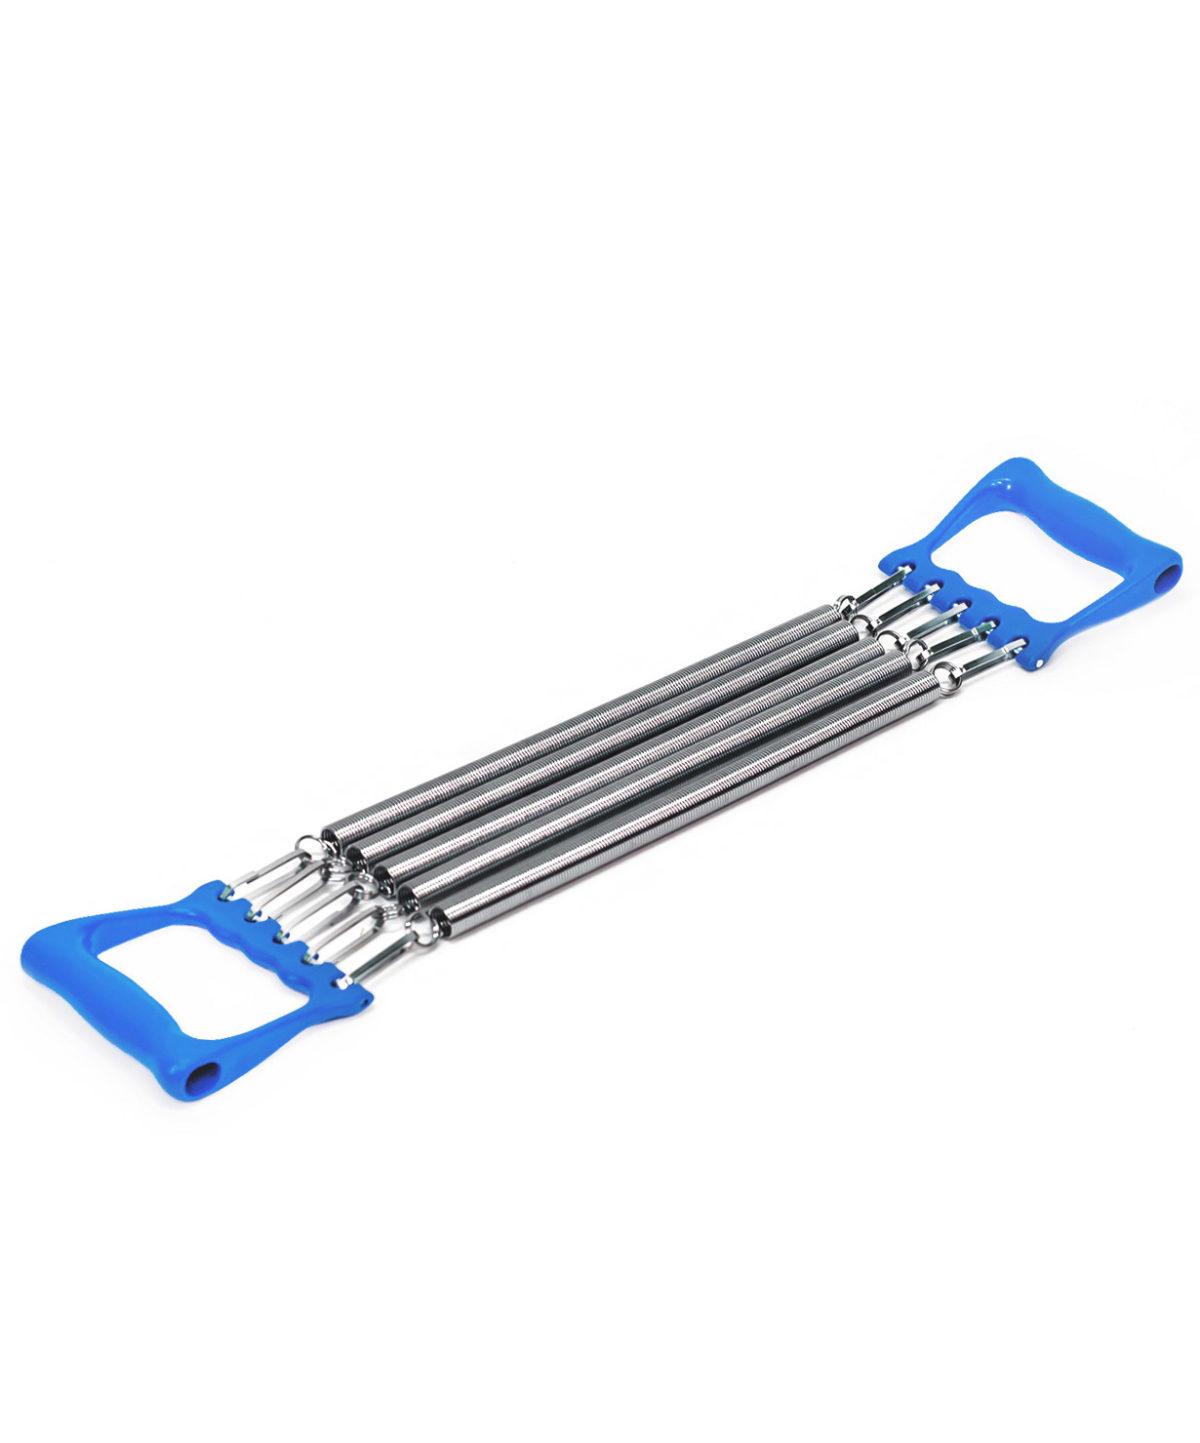 STARFIT Эспандер плечевой металлический 5 струн ES-101 - 1